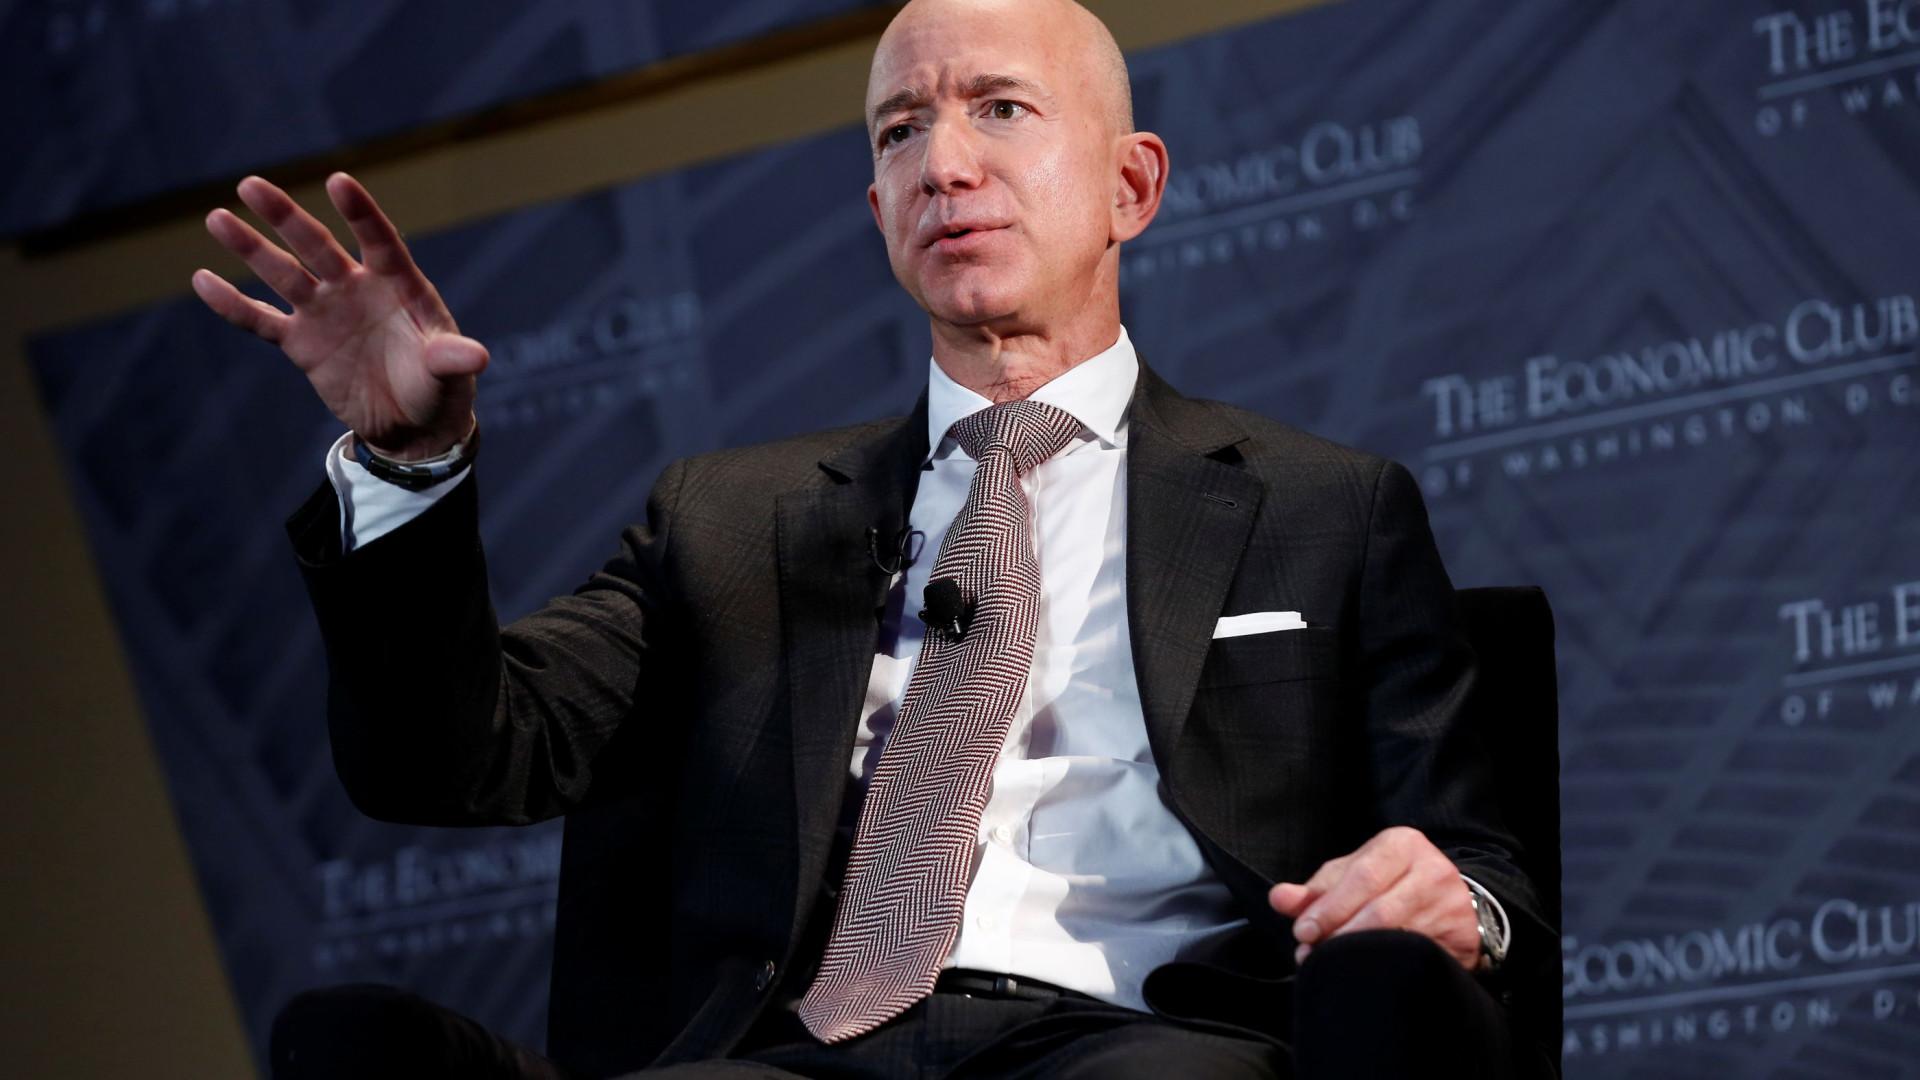 Dono da Amazon diz que foi chantageado com fotos íntimas